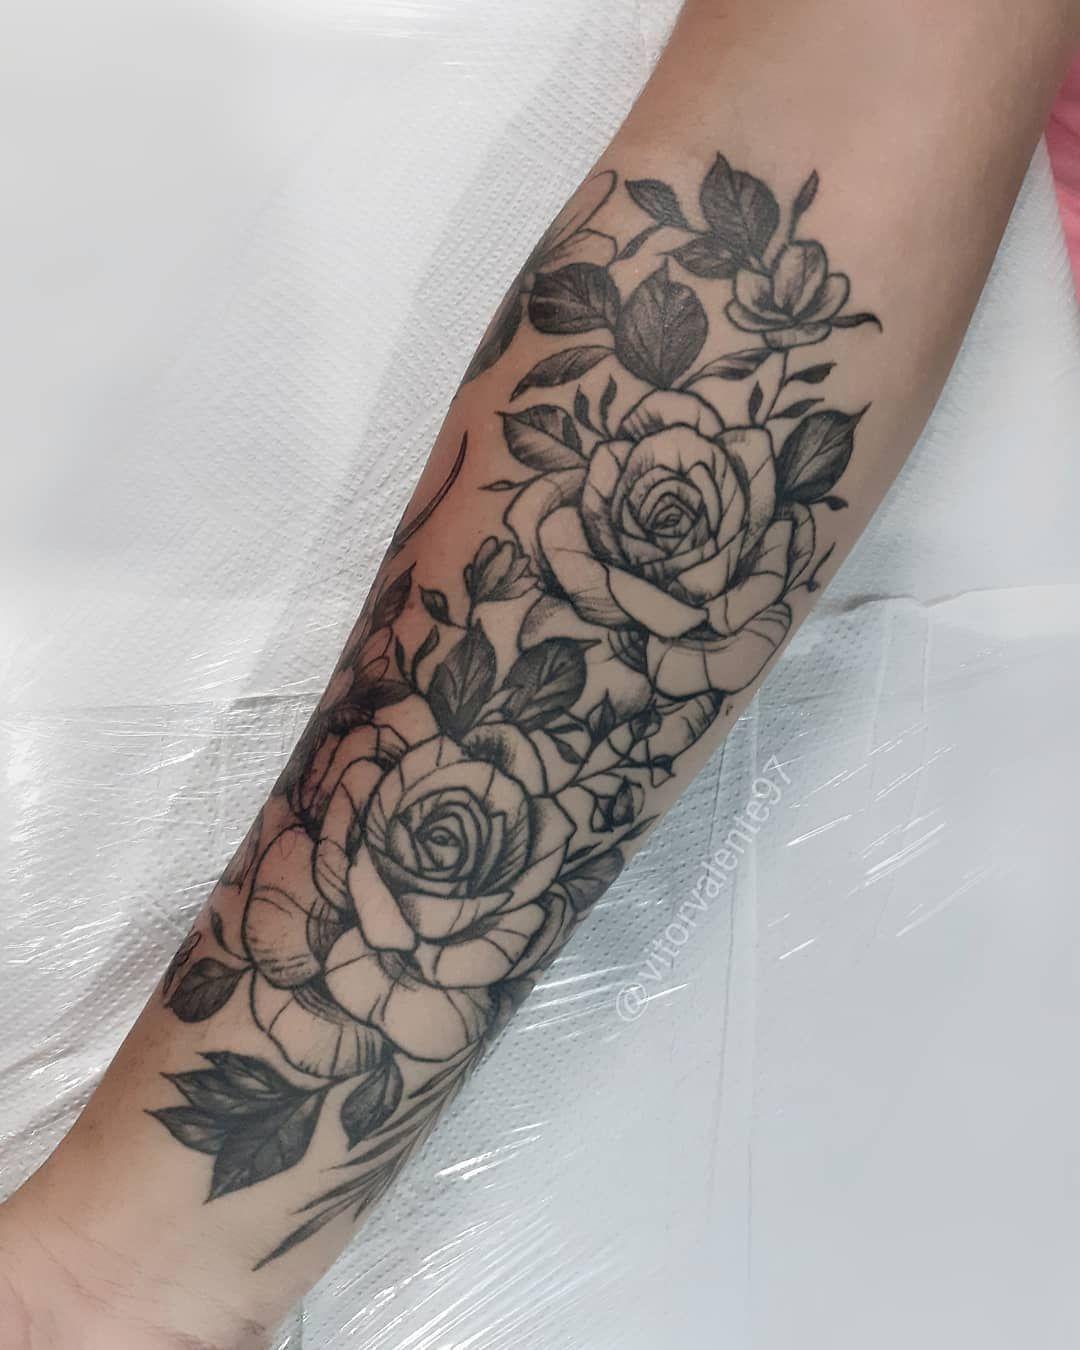 🌸Arte cicatrizada, fechamento de antebraço.  Cobertura com peonias em tema floral. . . . . . . . . . . . . #peoniatattoo #peonias #peoniastatuagem #rastelado #boldline #fineline #neotrad #neotattoo #neotradtattoo #blackwork #blackworktattoo #blackworktattoo #blackworktattooartist #flores #florestattoo #tattoo #tatuagens #tatuagem #tatuagemfeminina #tattoogirls #tatuagemnobraco